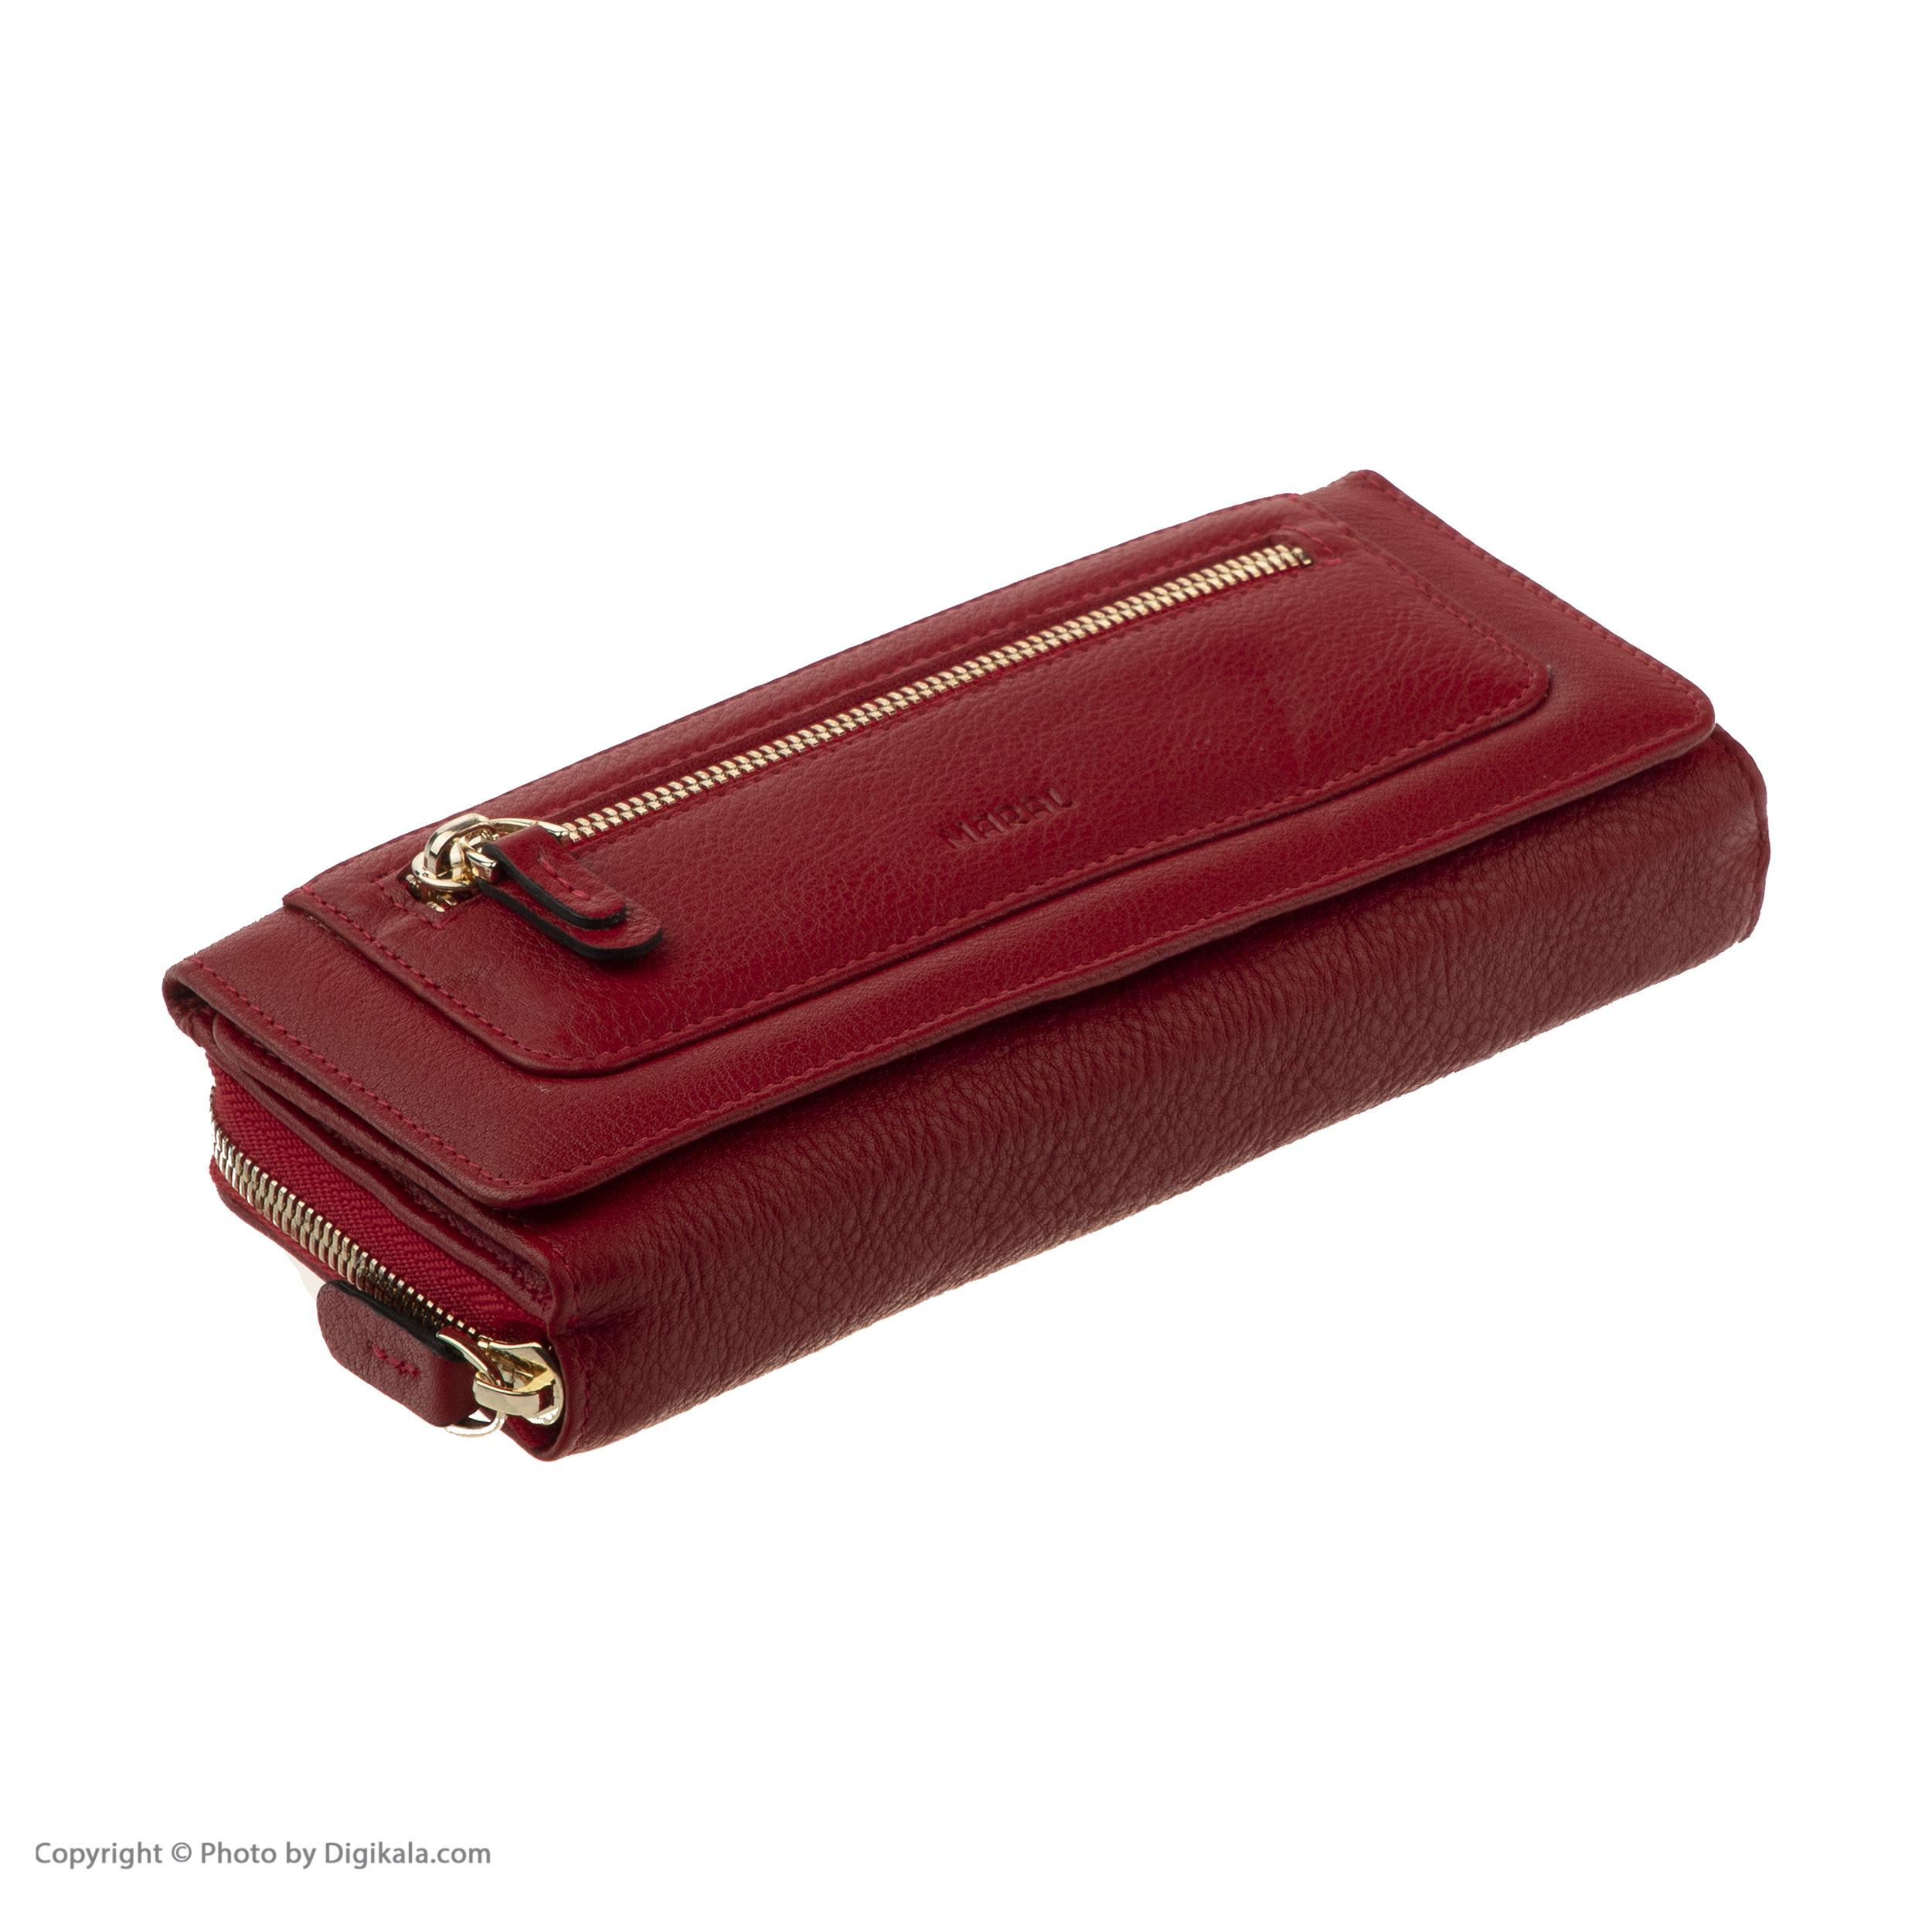 کیف پول زنانه مارال چرم مدل 4004080014